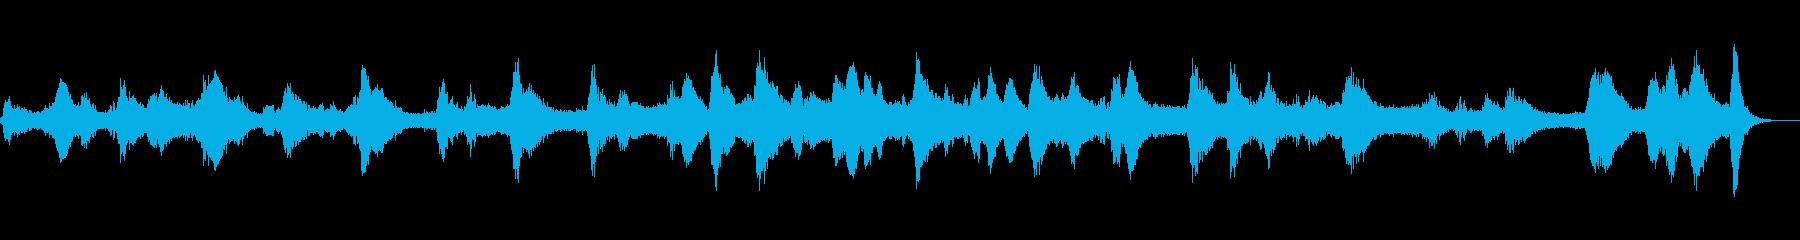 無機質な宇宙をイメージした不思議なBGMの再生済みの波形